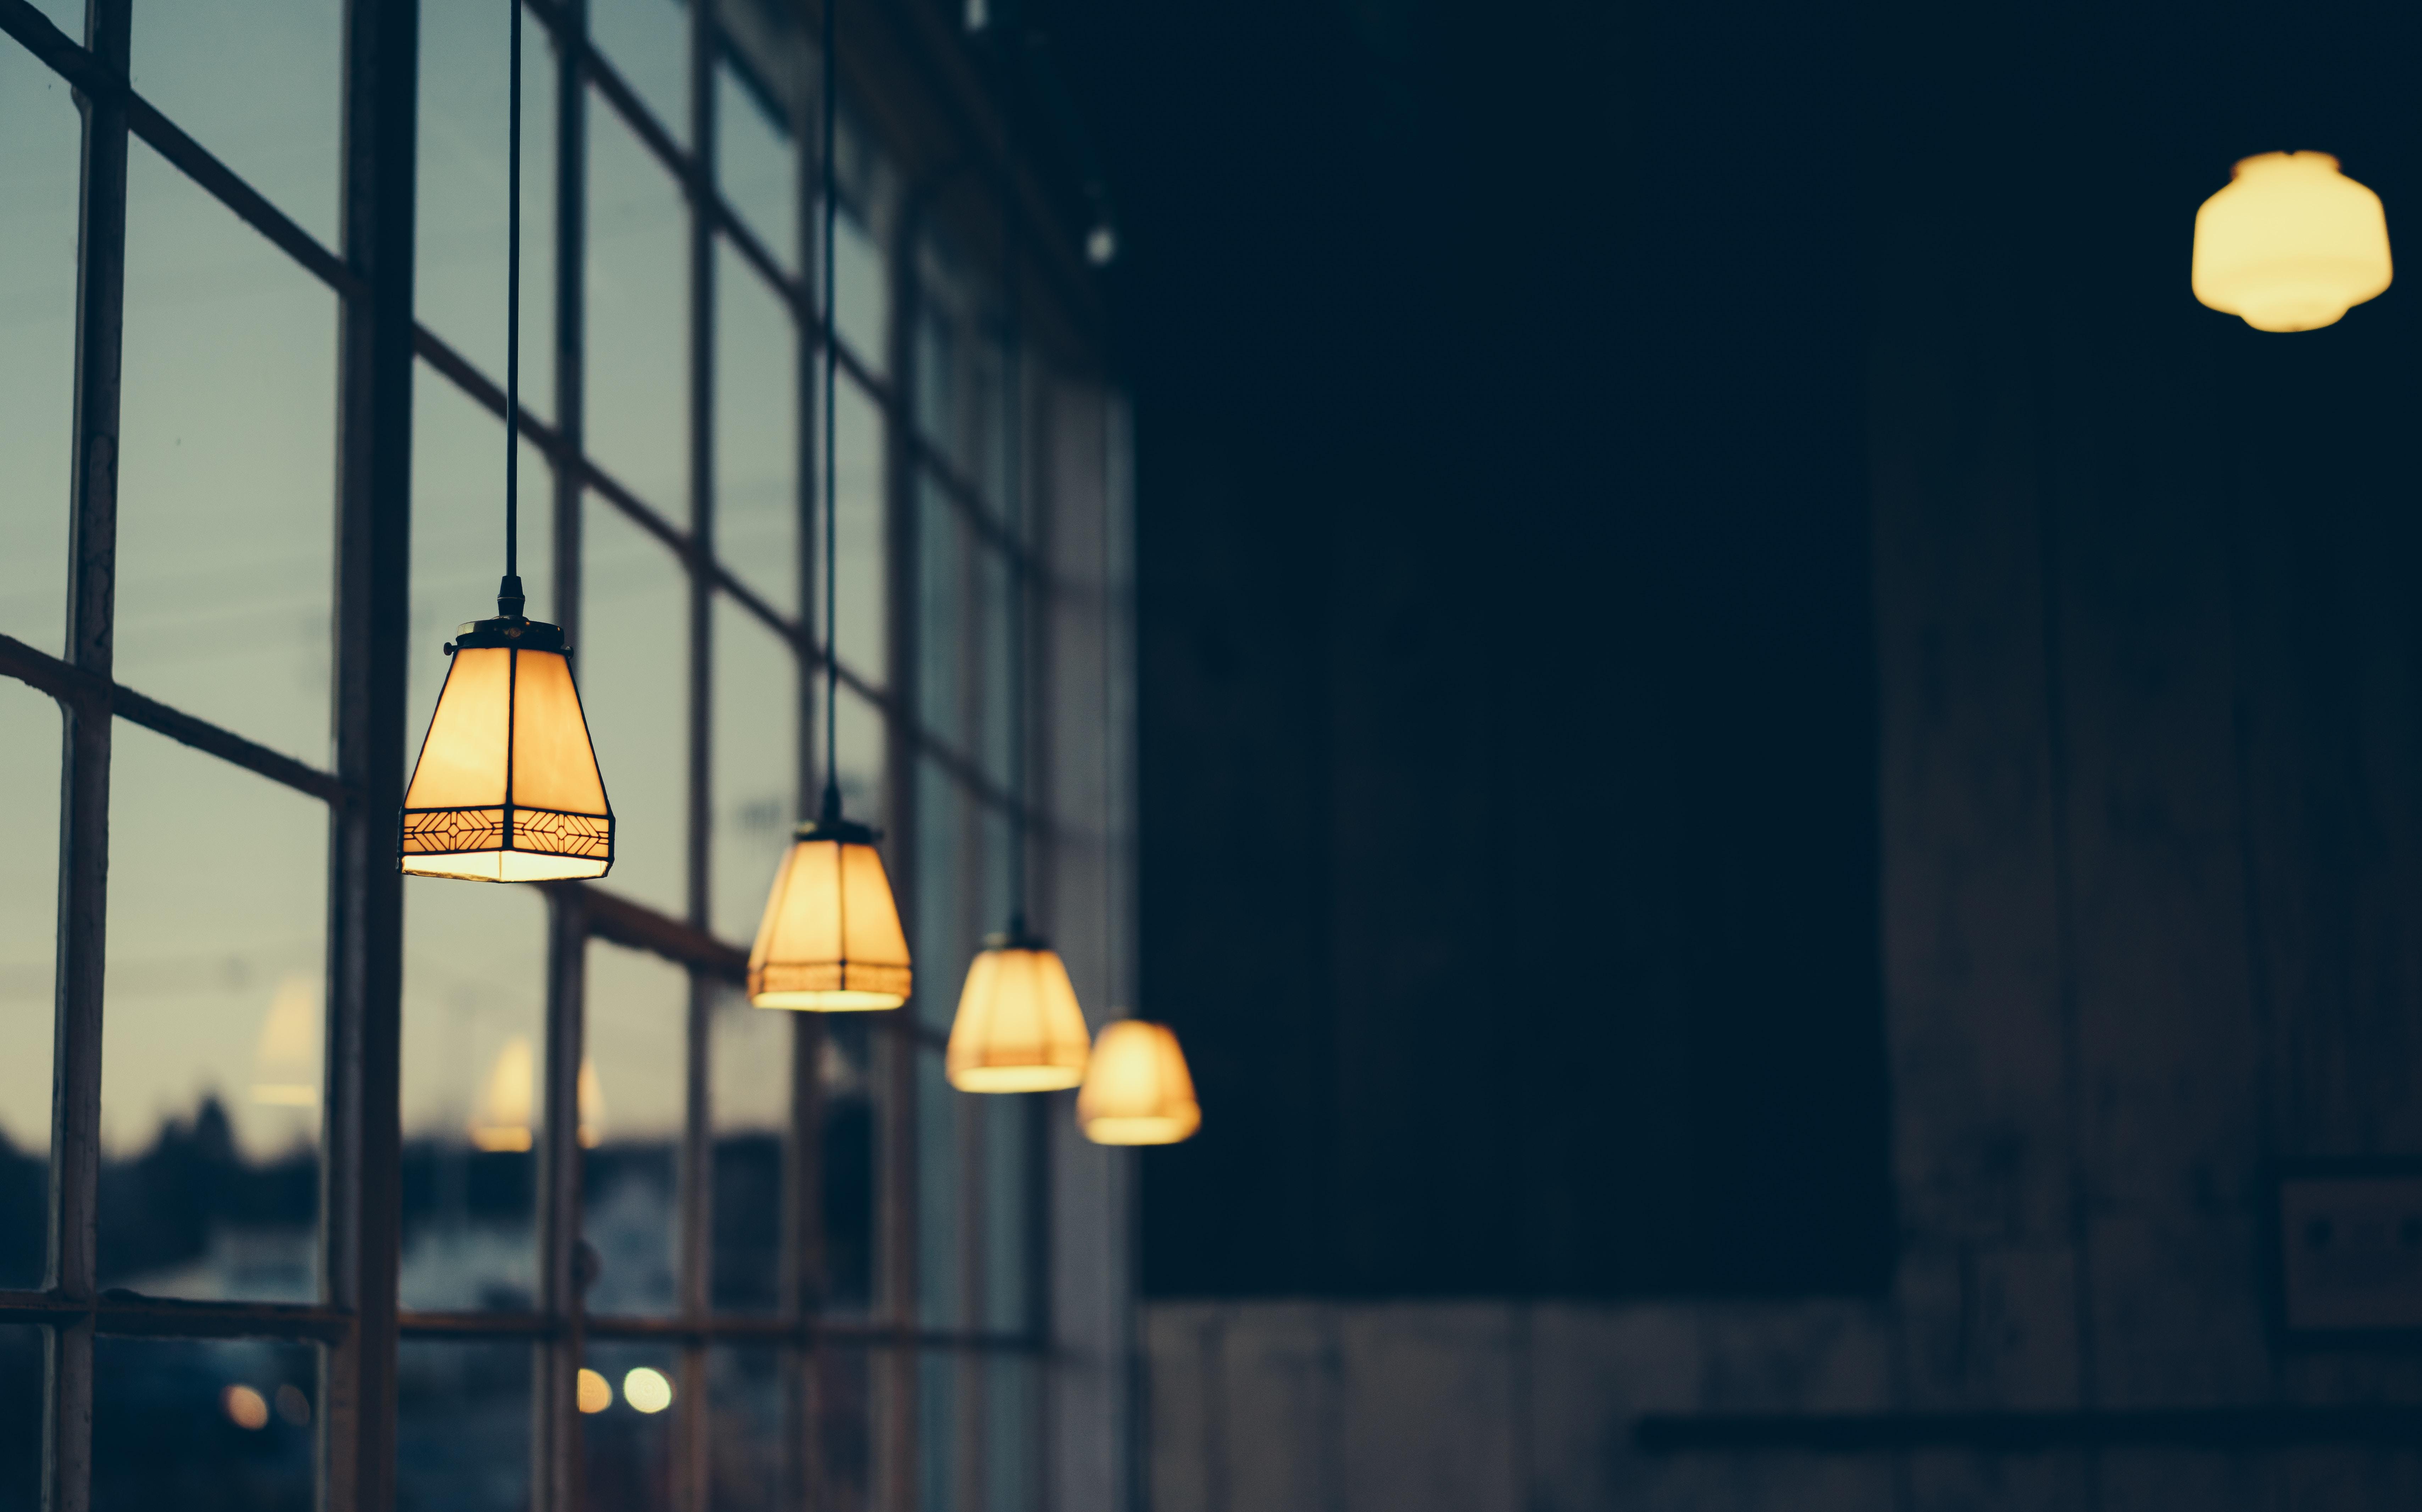 Oświetlenie ma znaczenie przy podejmowaniu decyzji konsumenckich